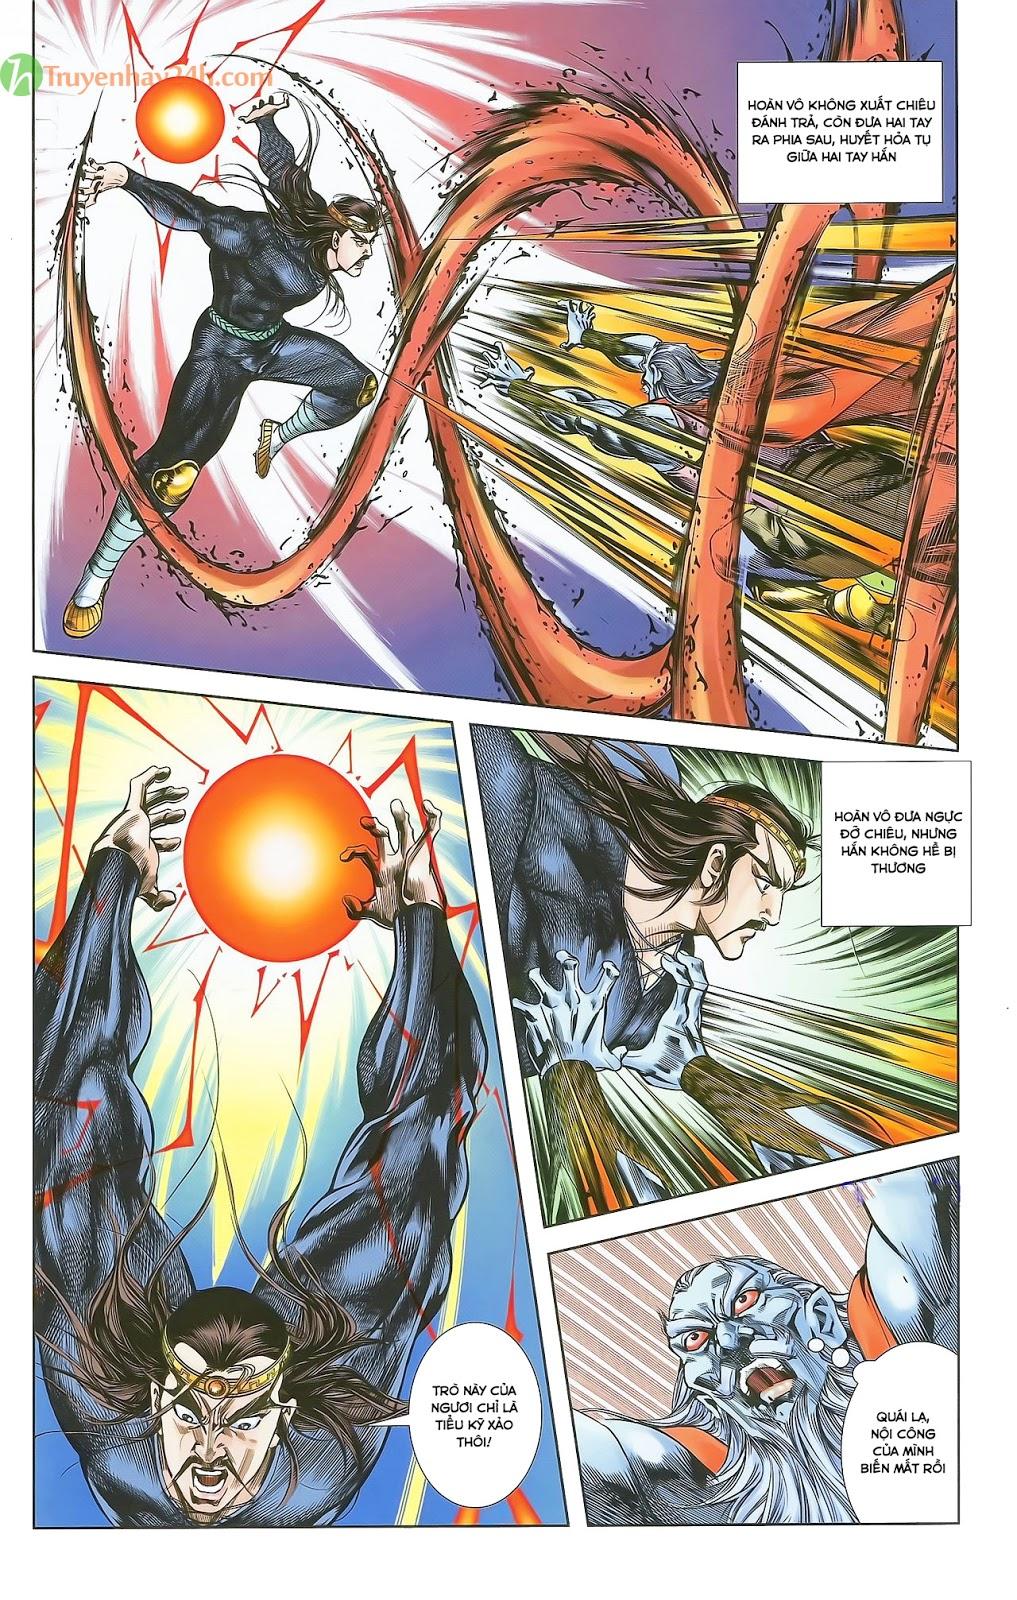 Tần Vương Doanh Chính chapter 28 trang 13